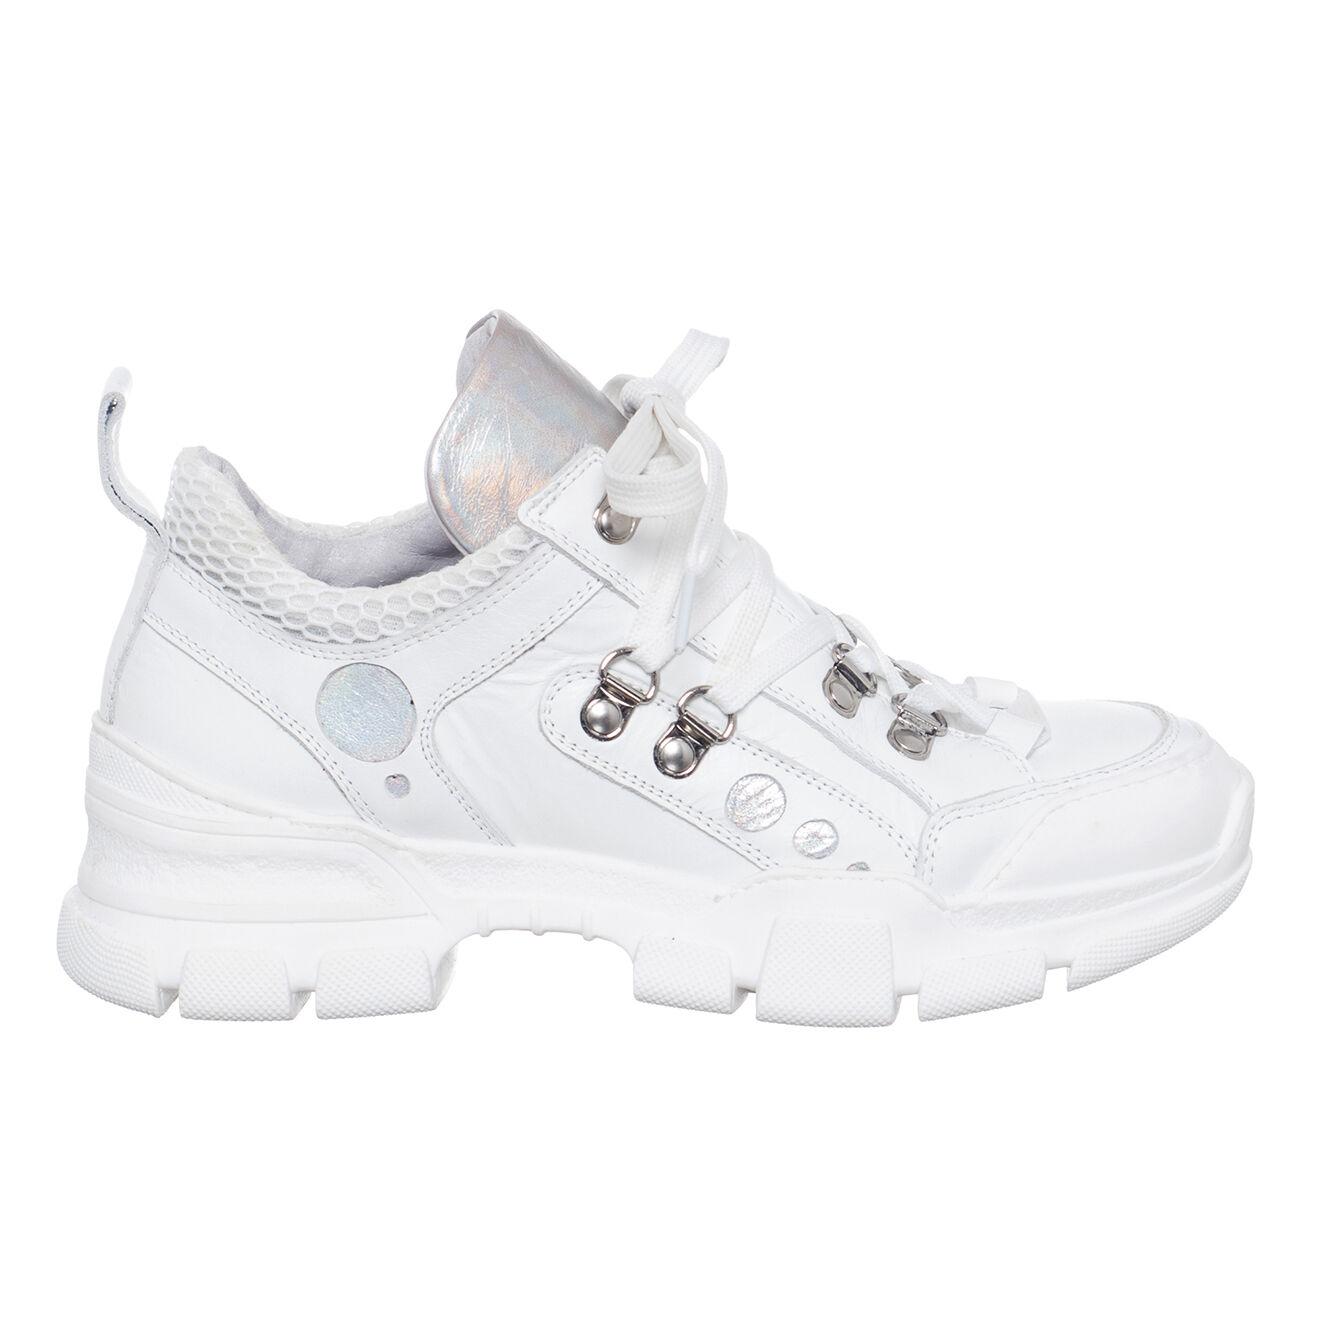 Sneakers en Cuir & Toile Vitello blanches - Loretta Pettinari - Modalova